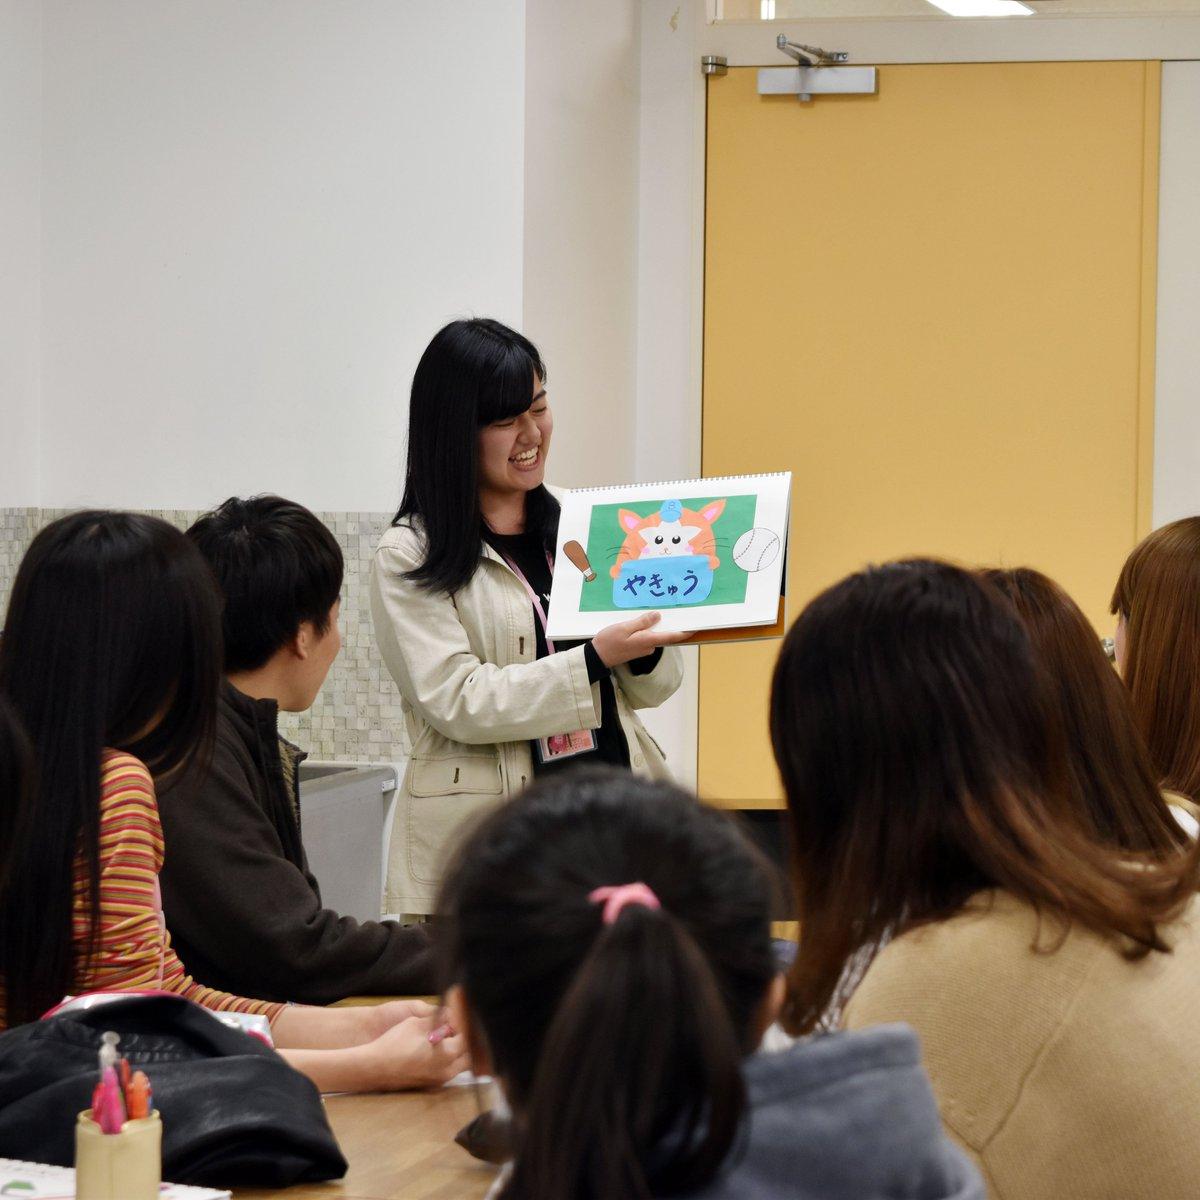 1⃣年生が工作室で発表会をしていました✂️自分の名前を使った自己紹介の紙芝居?クイズにしたり、飛びだすしかけにしたり、それぞれ工夫が盛りだくさん‼️見ているほうも引き込まれました?就職後に役立つものを作れる授業がたくさんあるね?#岩崎学園 #横浜保育 #工作 #楽しい